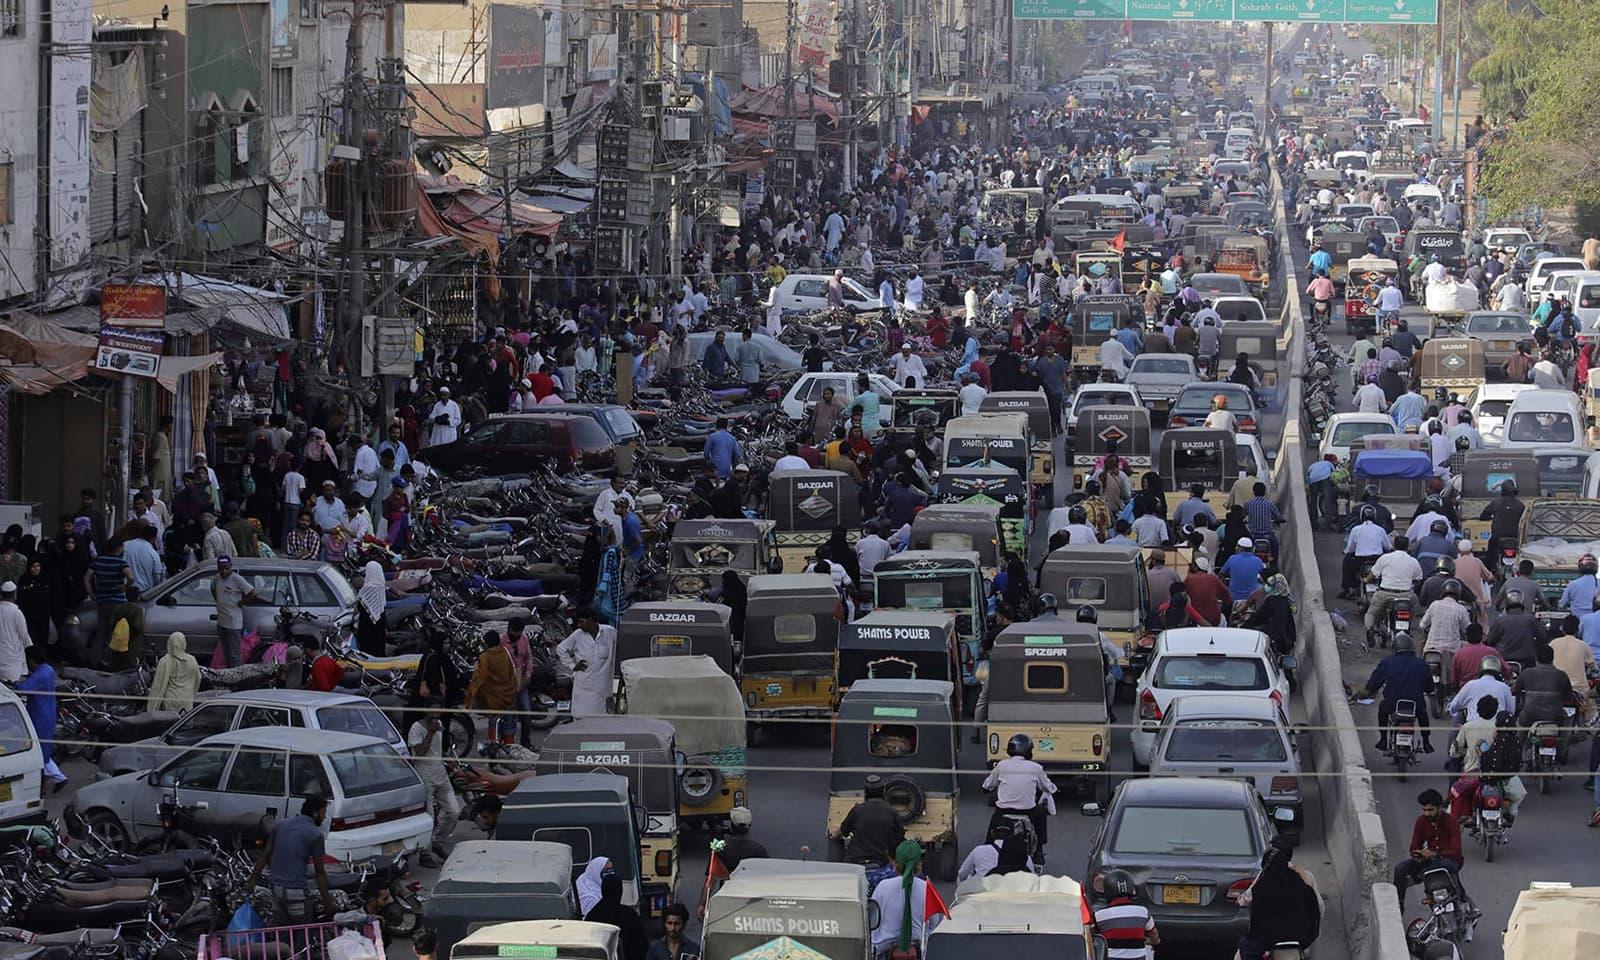 کراچی میں کئی مقامات پر ٹریفک جام کی صورتحال بھی دیکھنے کو ملی— فوٹو: اے پی